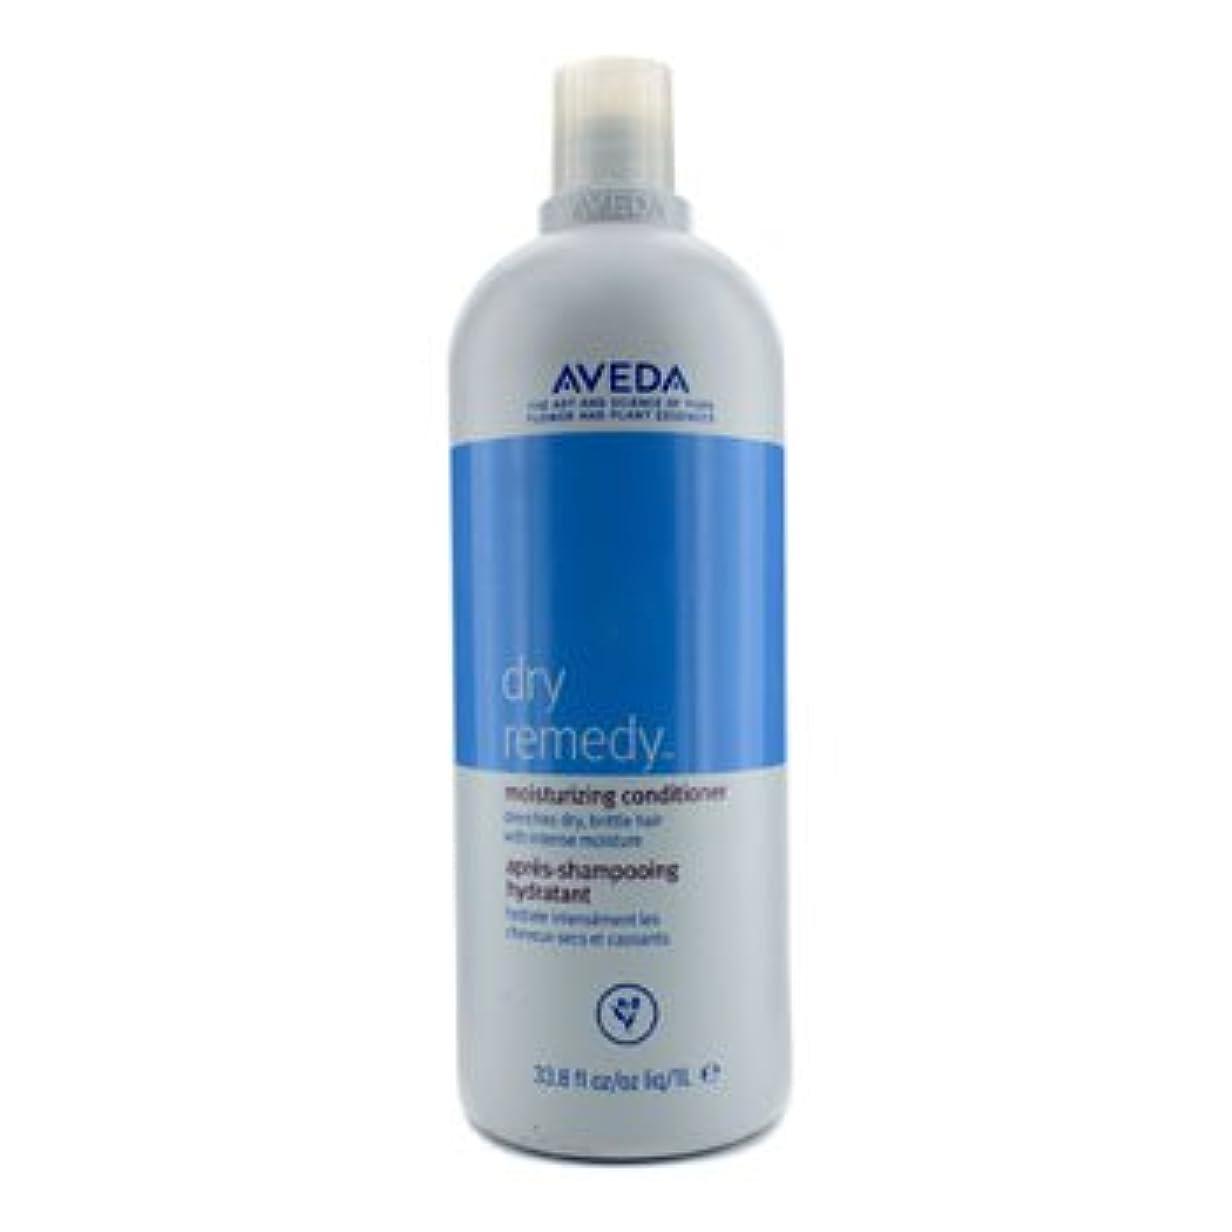 成分避けられない輪郭[Aveda] Dry Remedy Moisturizing Conditioner - For Drenches Dry Brittle Hair (New Packaging) 1000ml/33.8oz